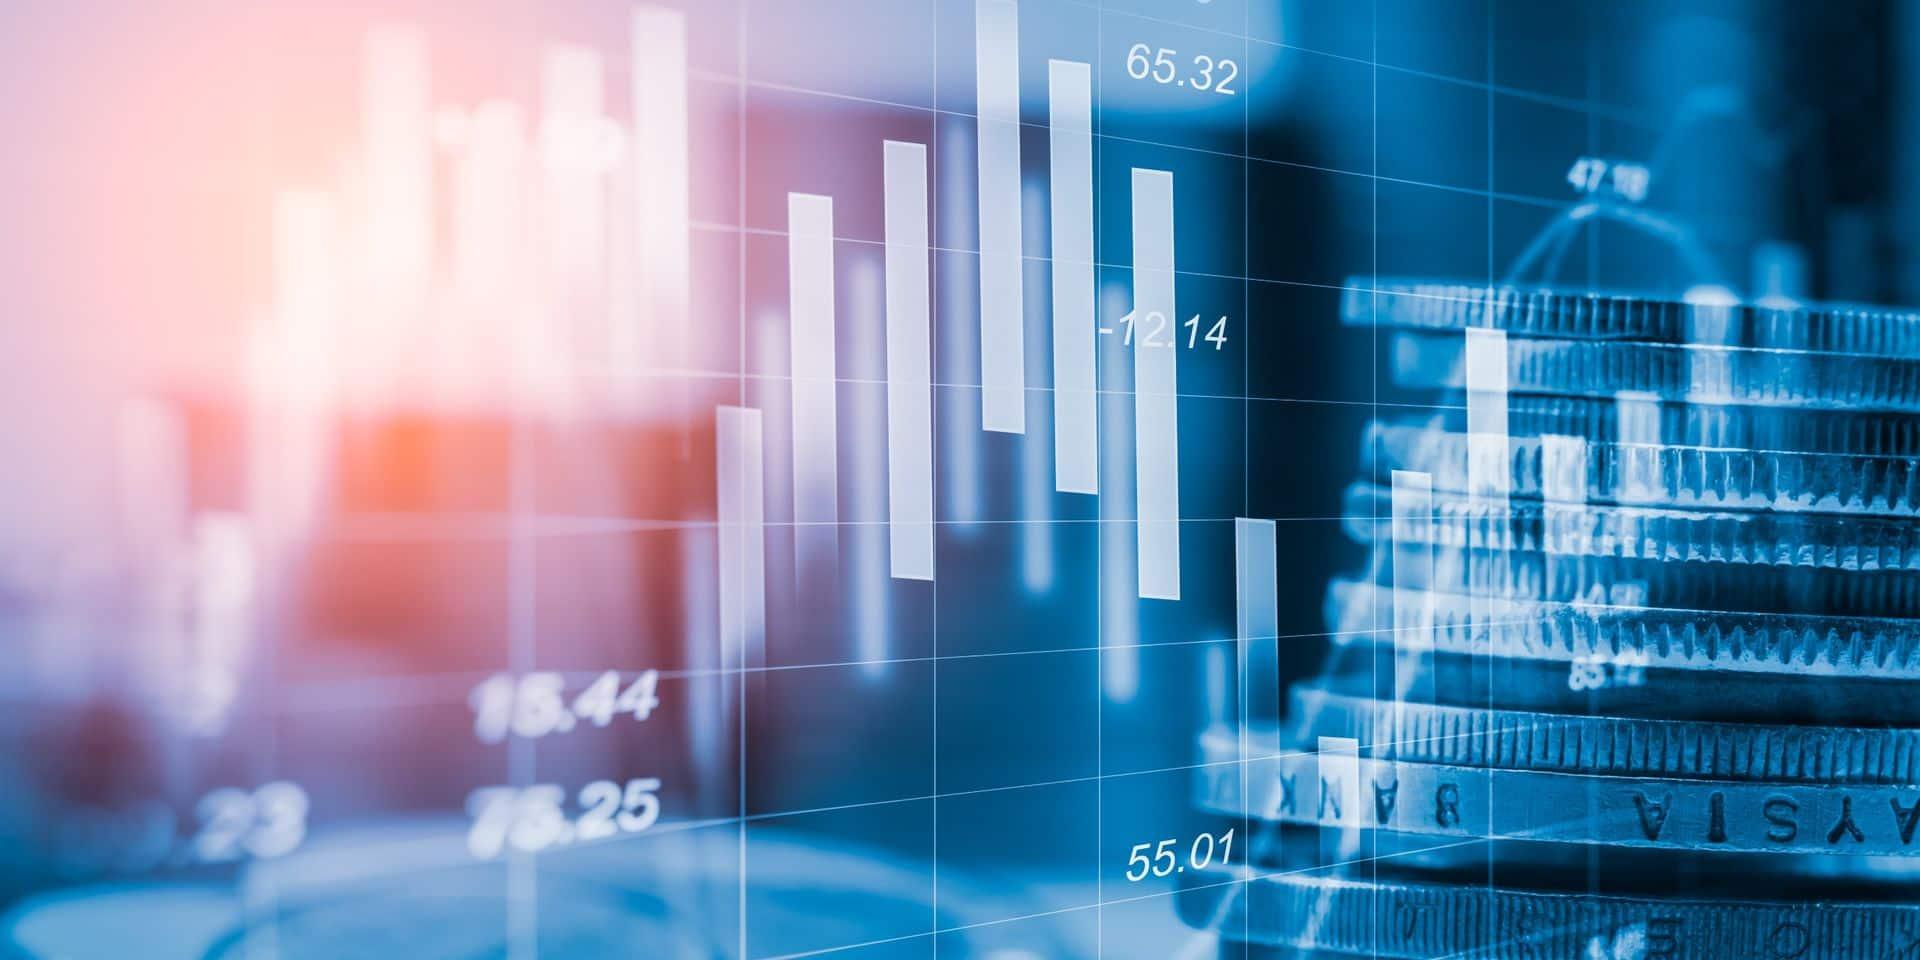 Comment l'économie va-t-elle évoluer en 2021? Analyse des perspectives attendues et espérées